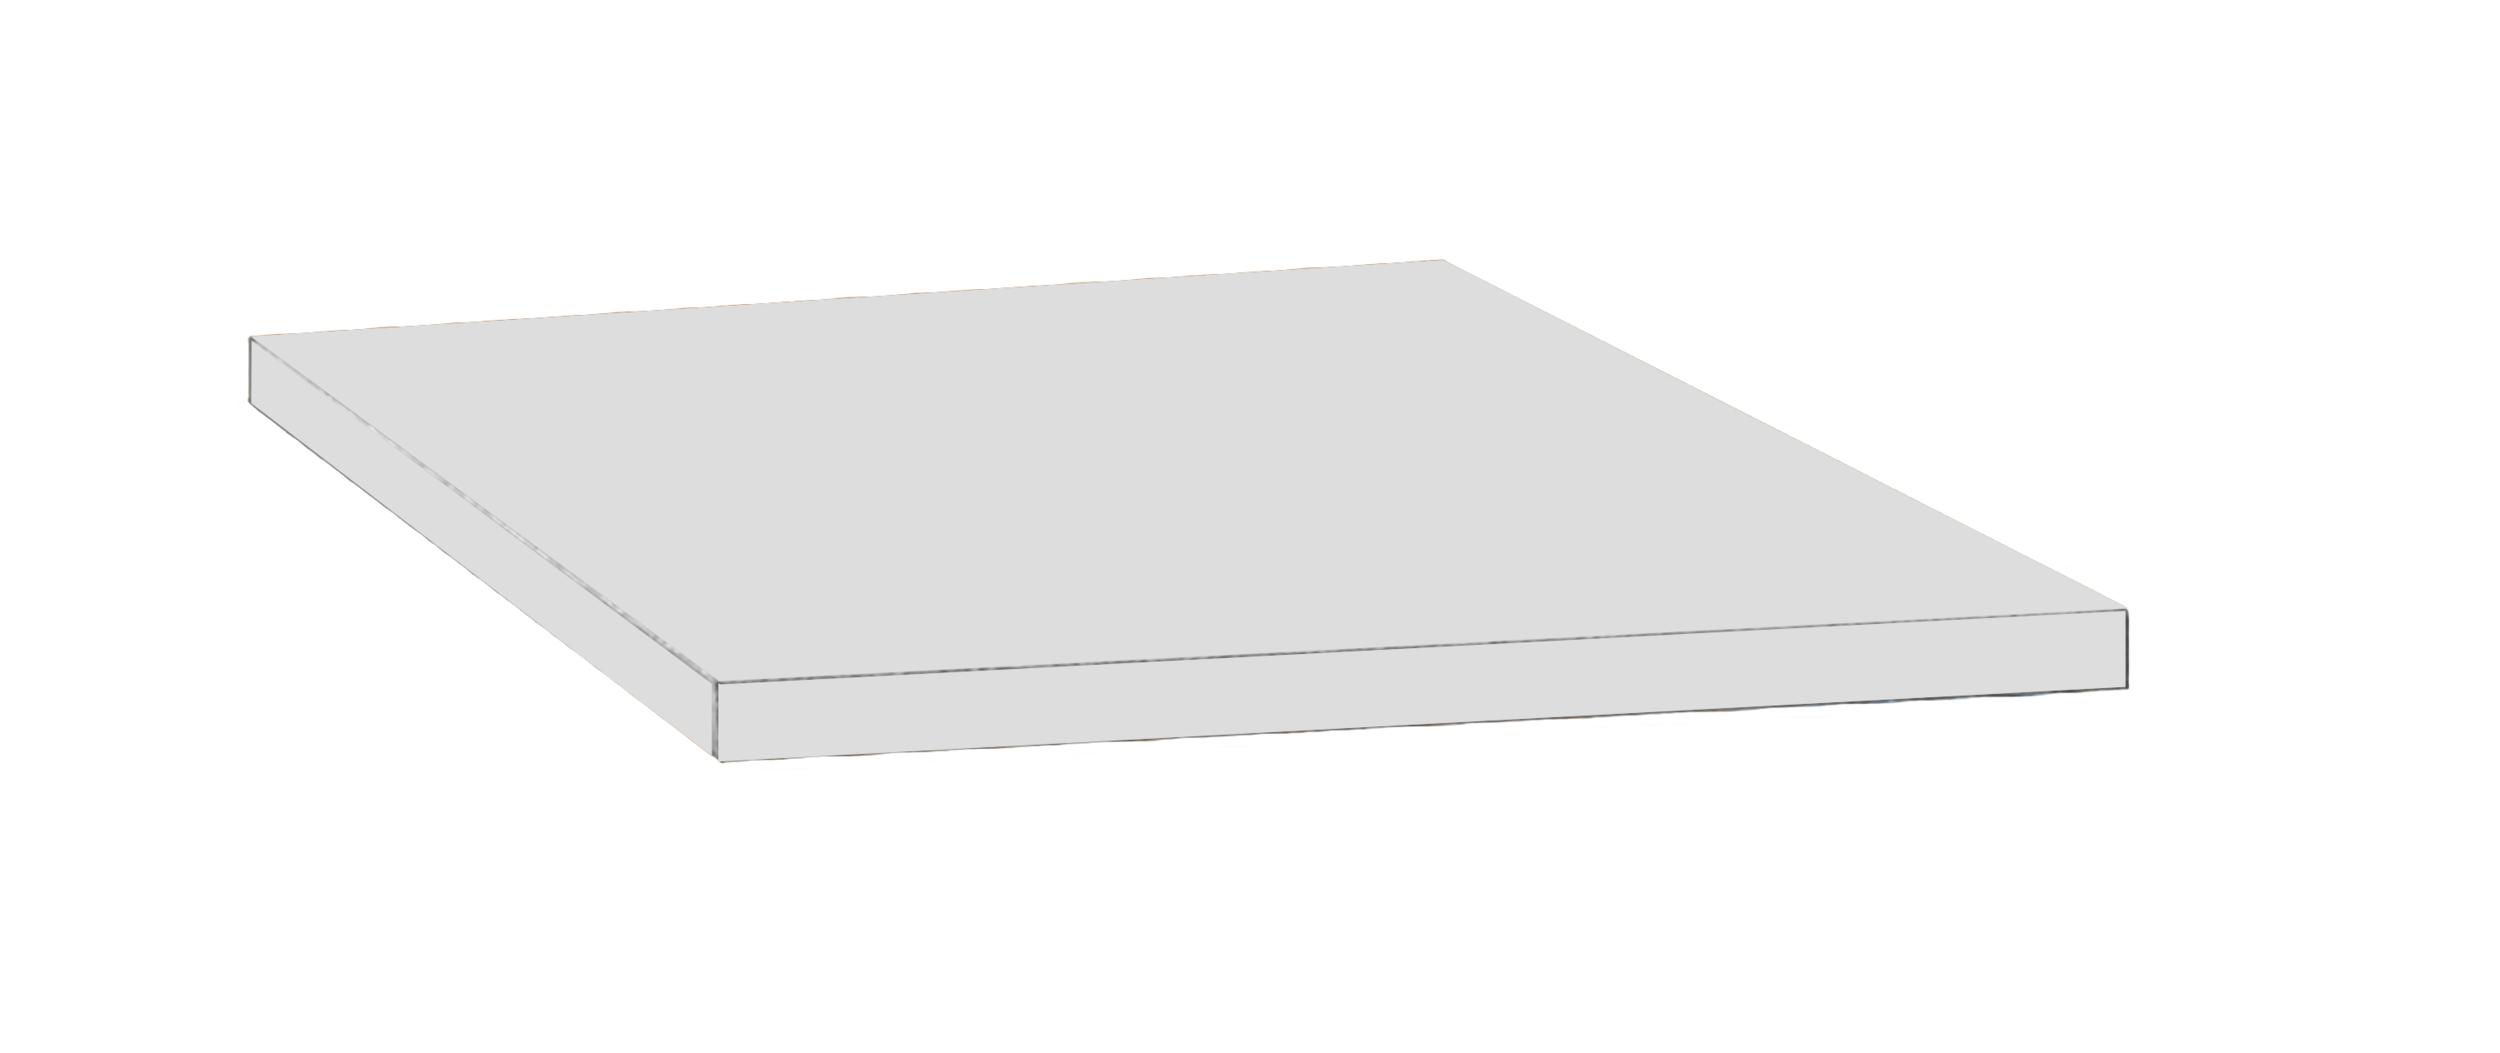 TOP POUR CAISSON MOBILE 33CM GRIS